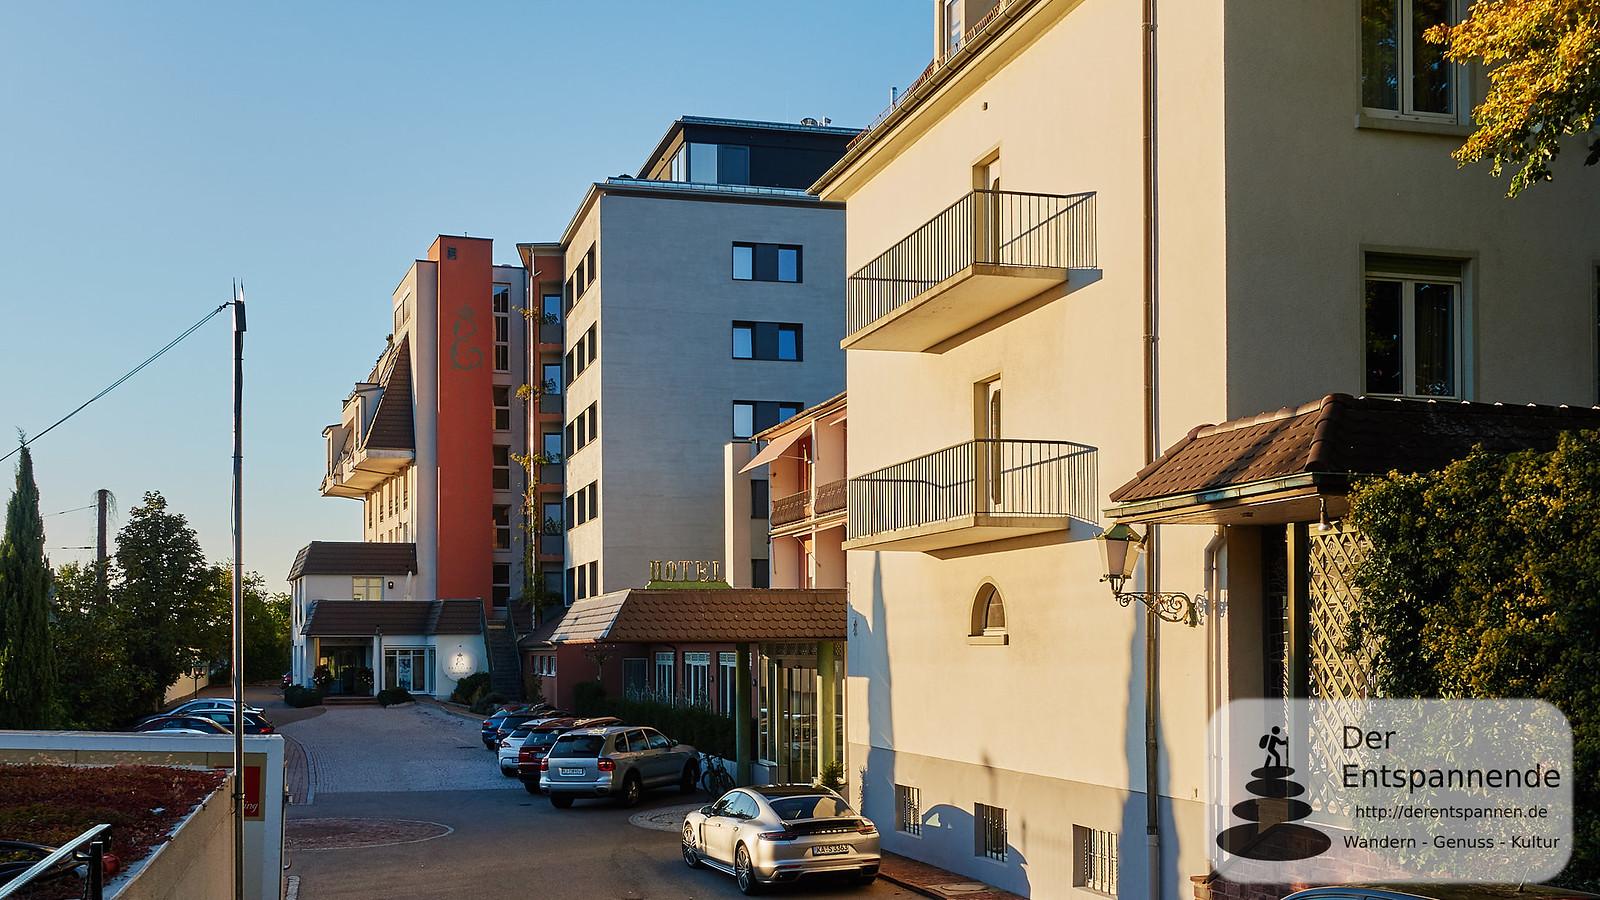 Hotel Restaurant Erbprinz Ettlingen